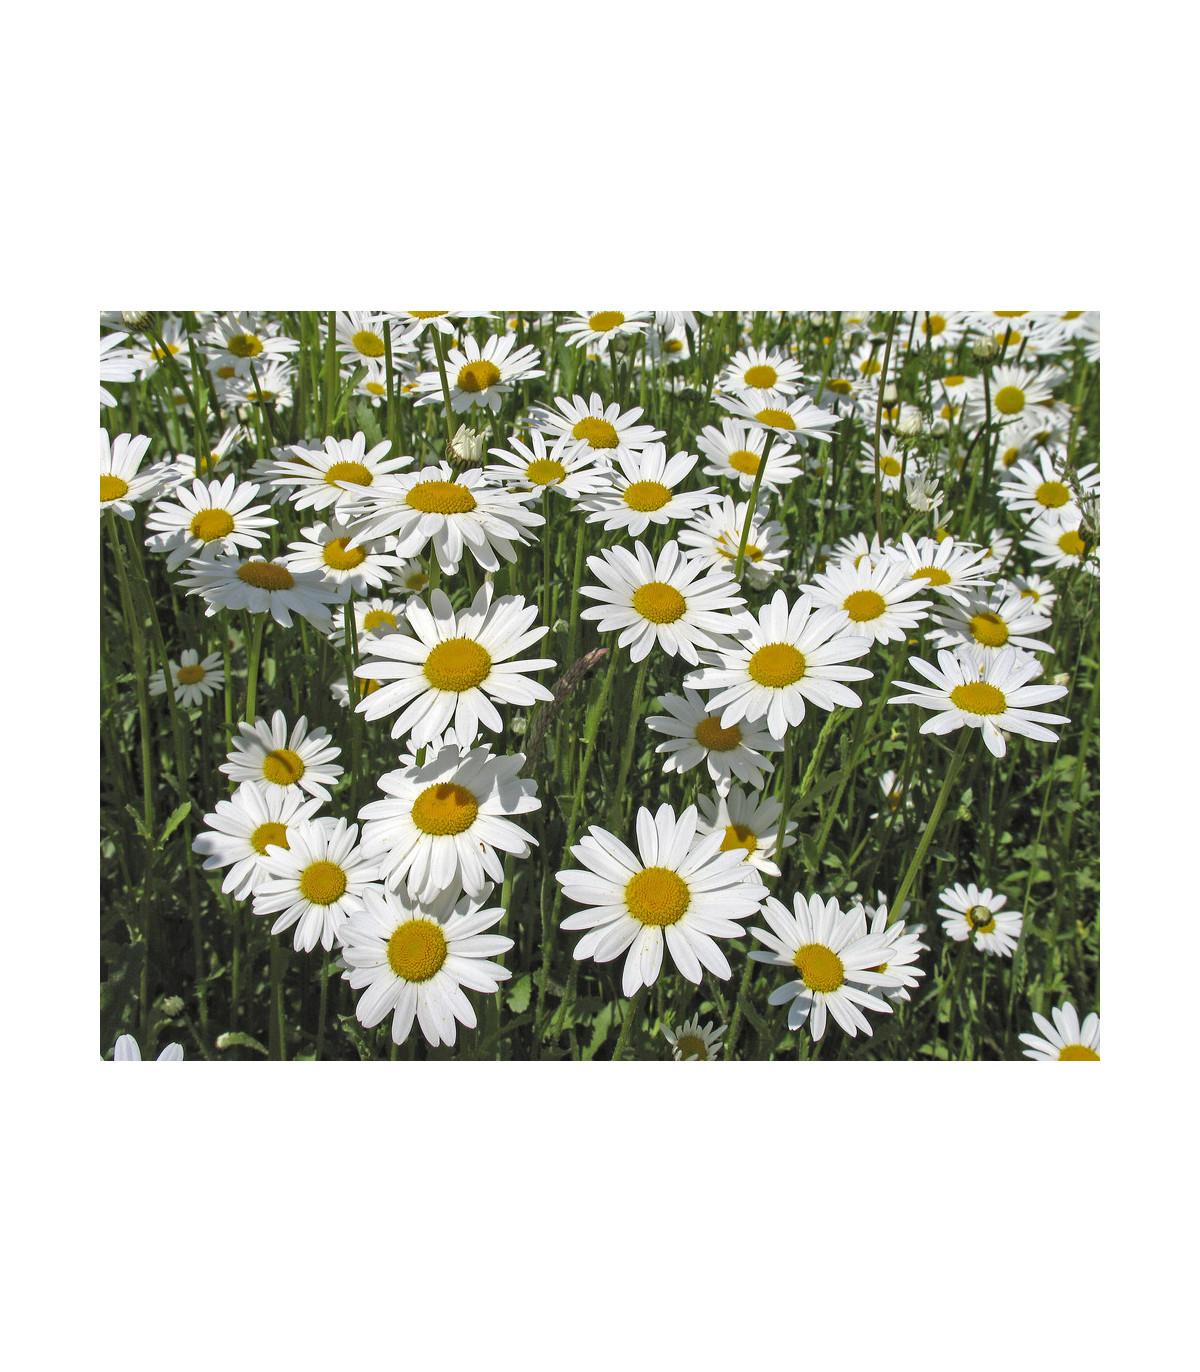 Margaréta biela kráľovná - Chrysanthemum leucanthemum max. - semená - 600 ks